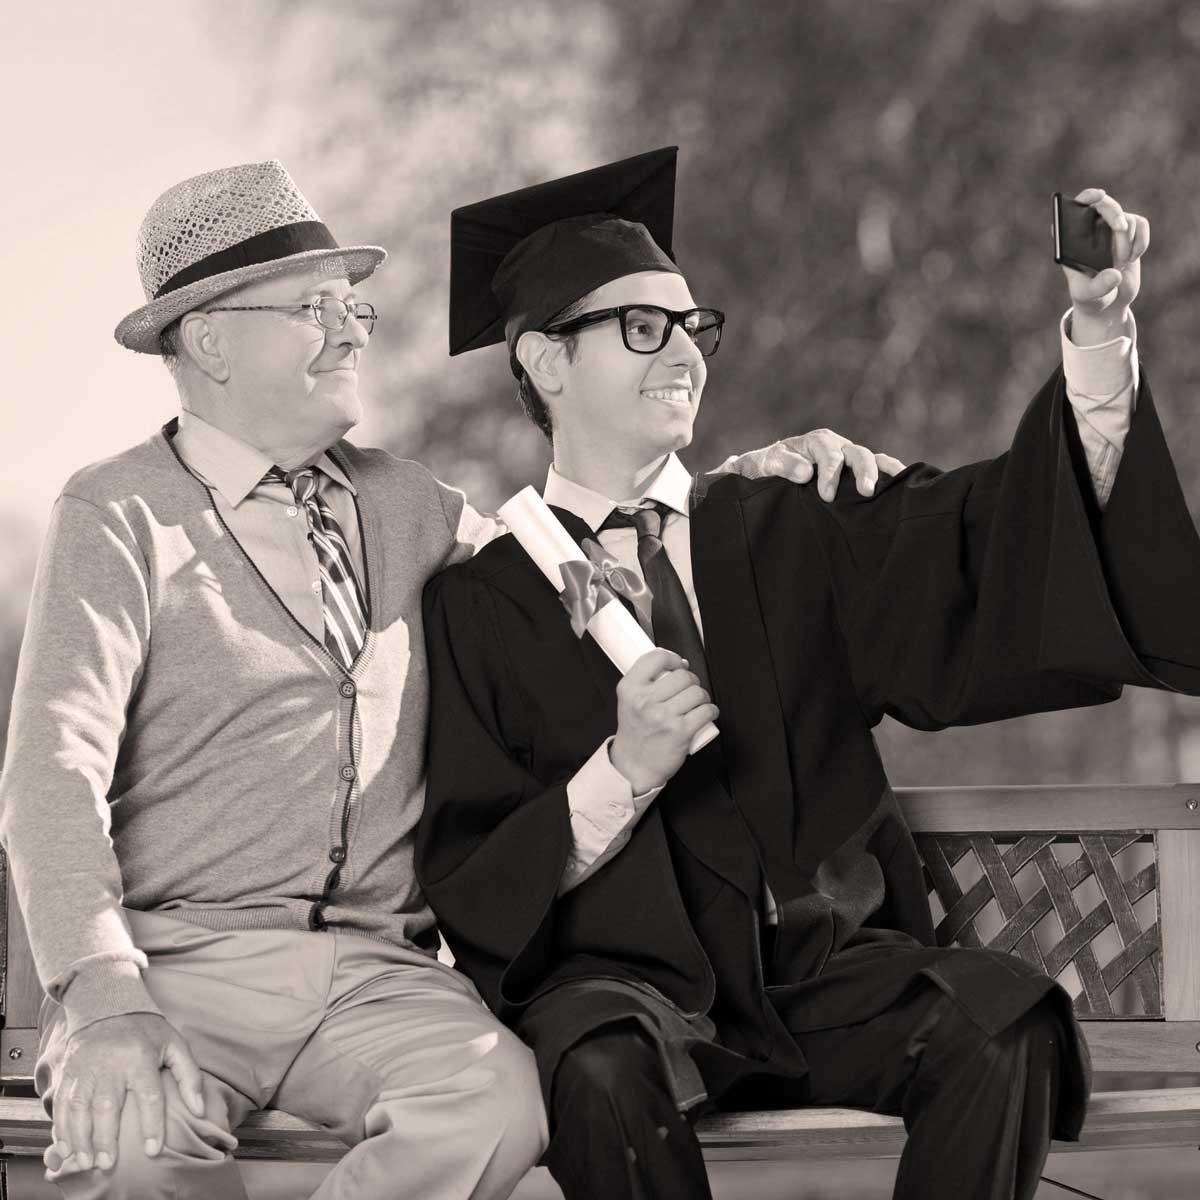 dads & grads